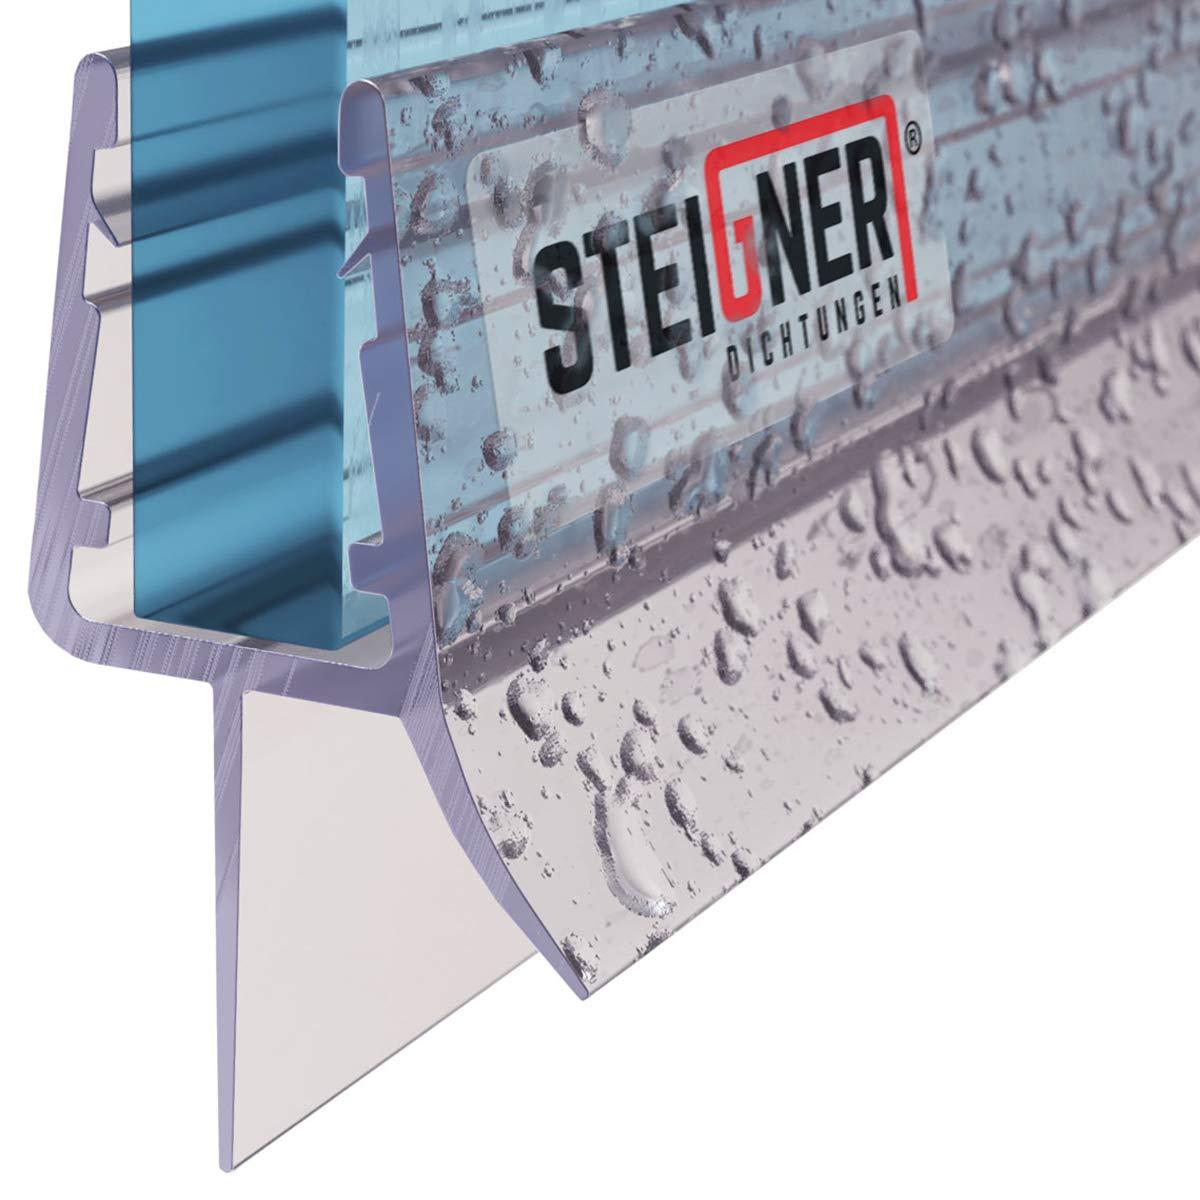 80cm UK13 - Junta de recambio para ducha deflector de 3,5mm/ 4mm/ 5mm vidrio grueso agua sello ducha de protección de sobretensión recta product image